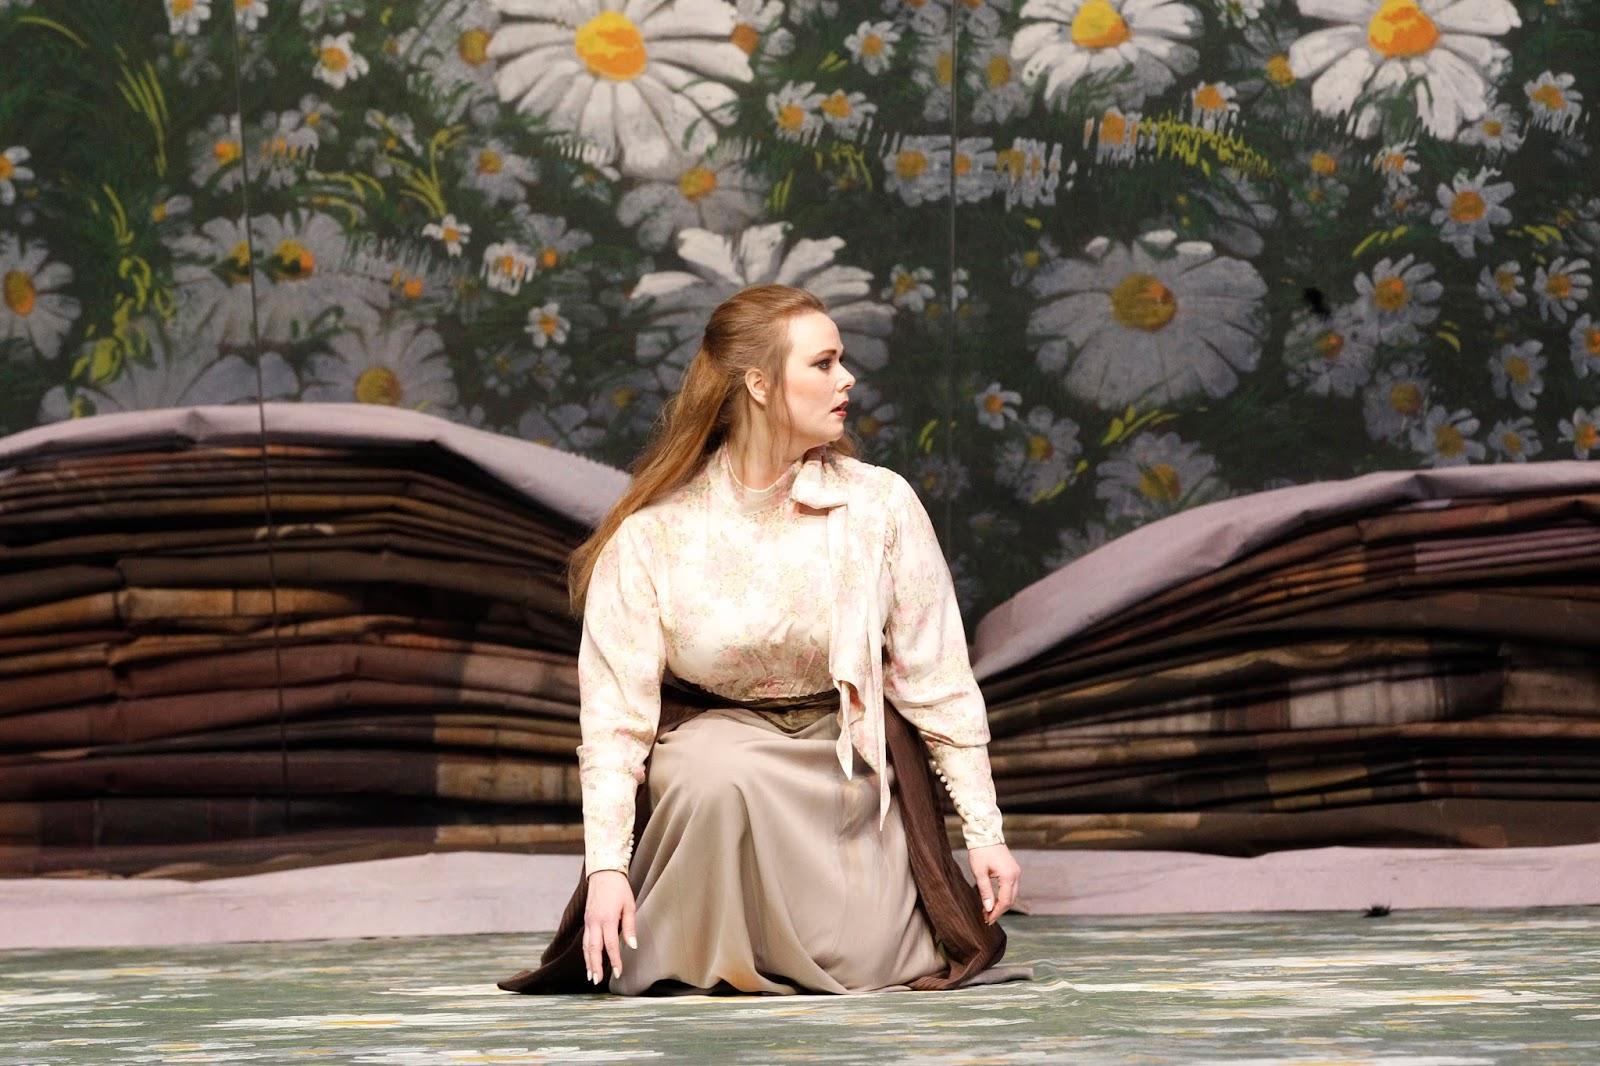 SINGER SPOTLIGHT: Soprano JESSICA PRATT as Violetta in Victorian Opera's 2014 production of Giuseppe Verdi's LA TRAVIATA in Melbourne, Australia [Photo by Jeff Busby, © by Victorian Opera]